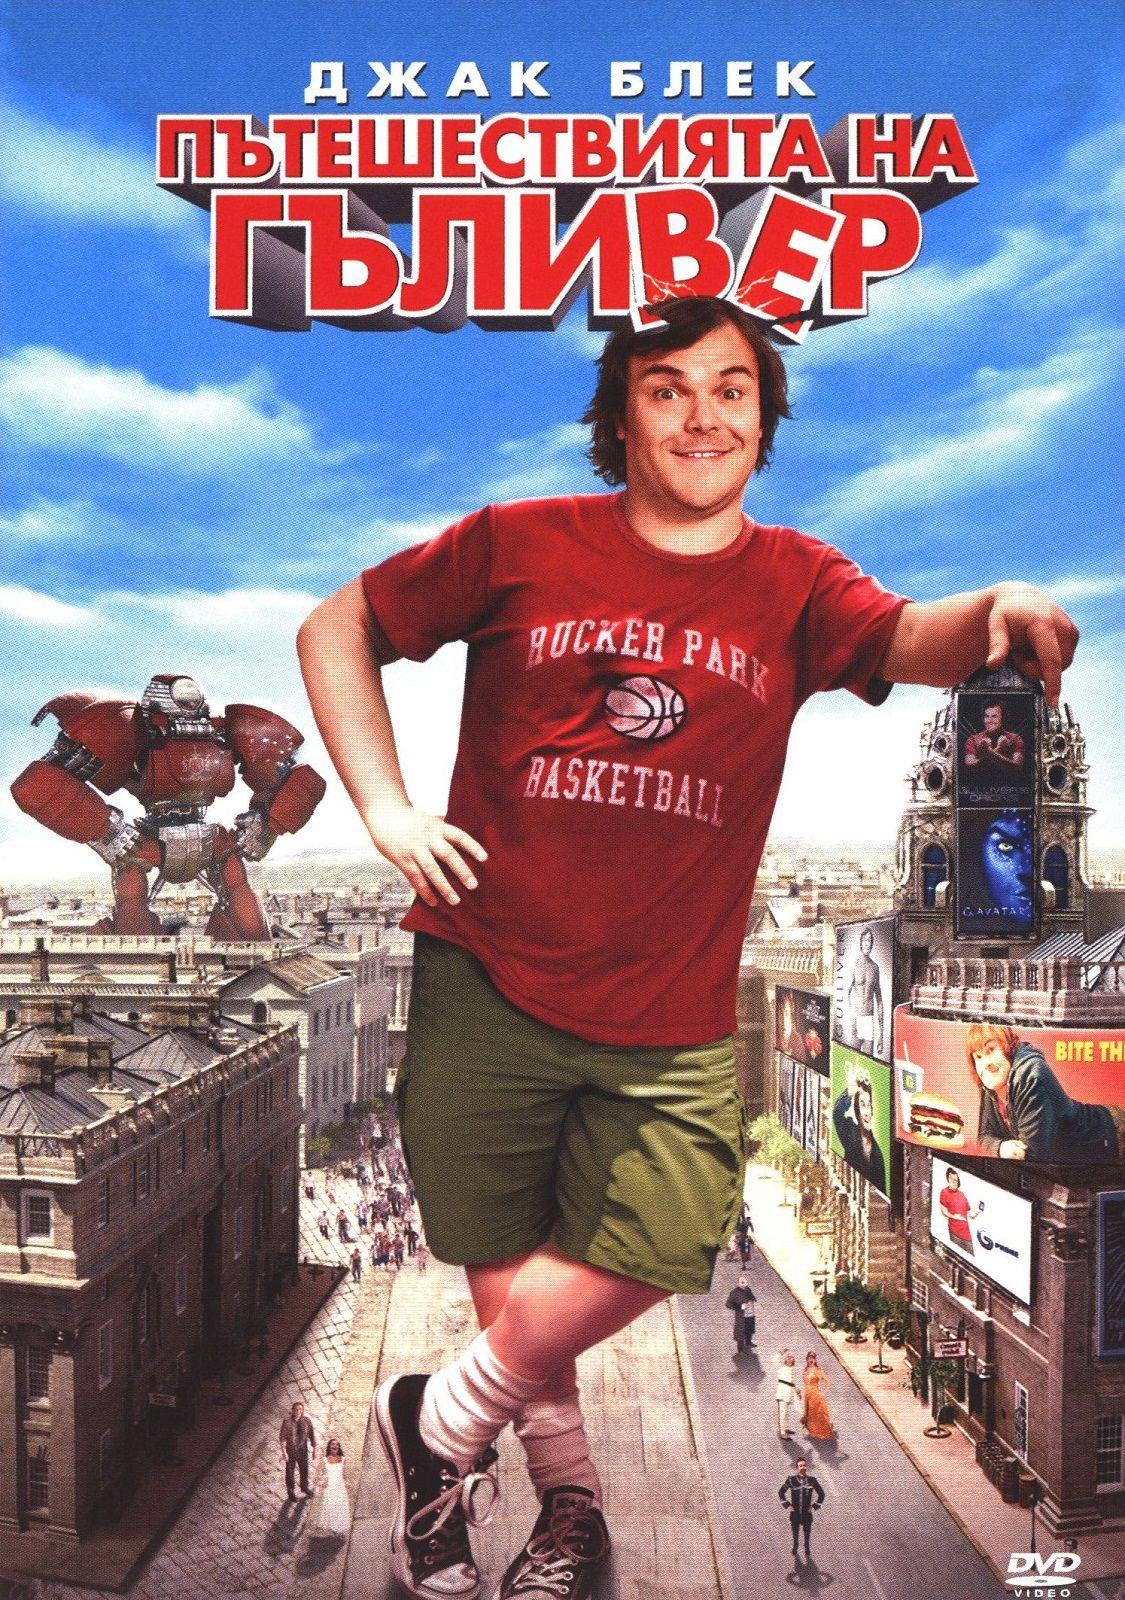 Пътешествията на Гъливер (DVD) - 1